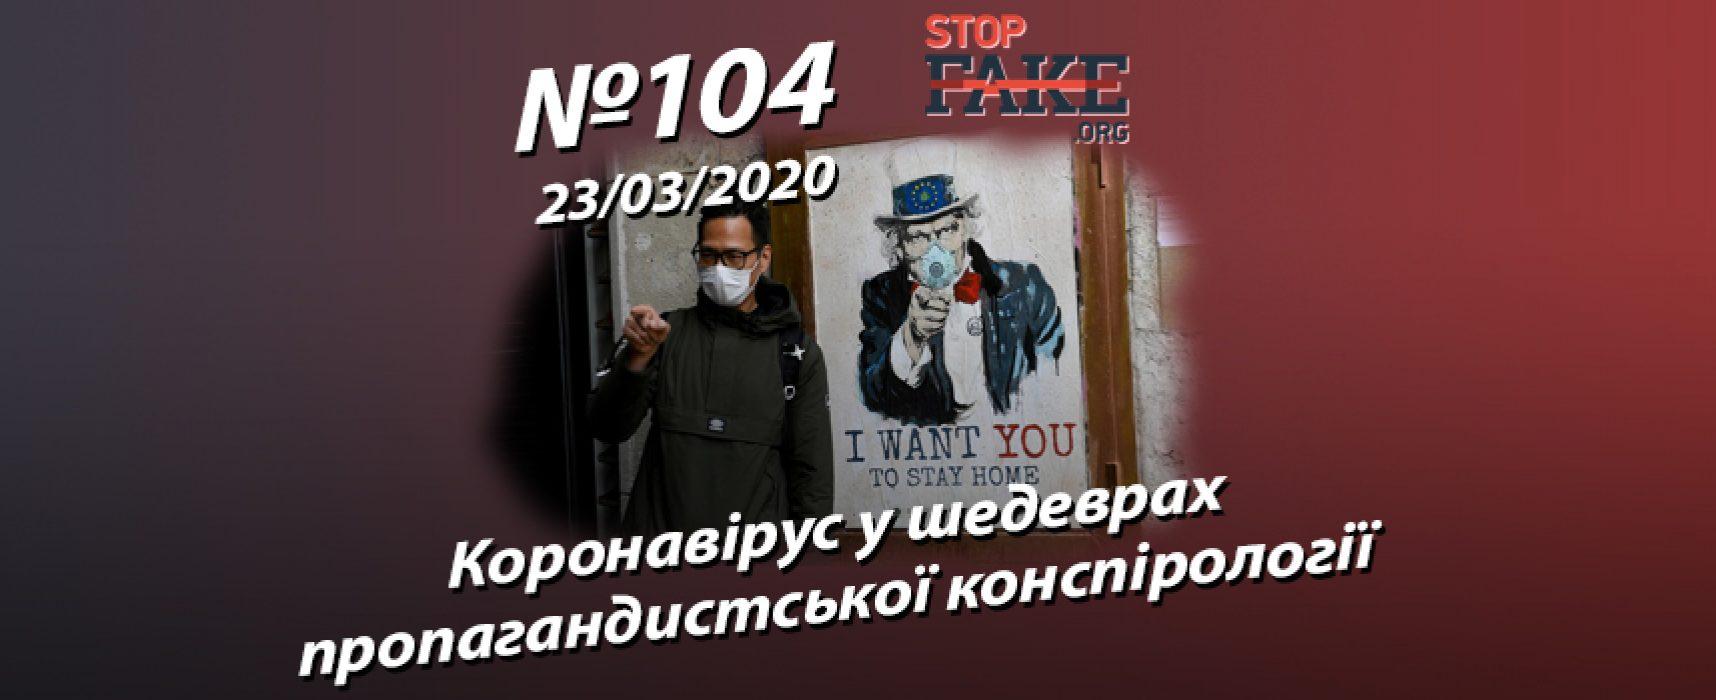 Коронавірус у шедеврах пропагандистської конспірології – StopFake.org